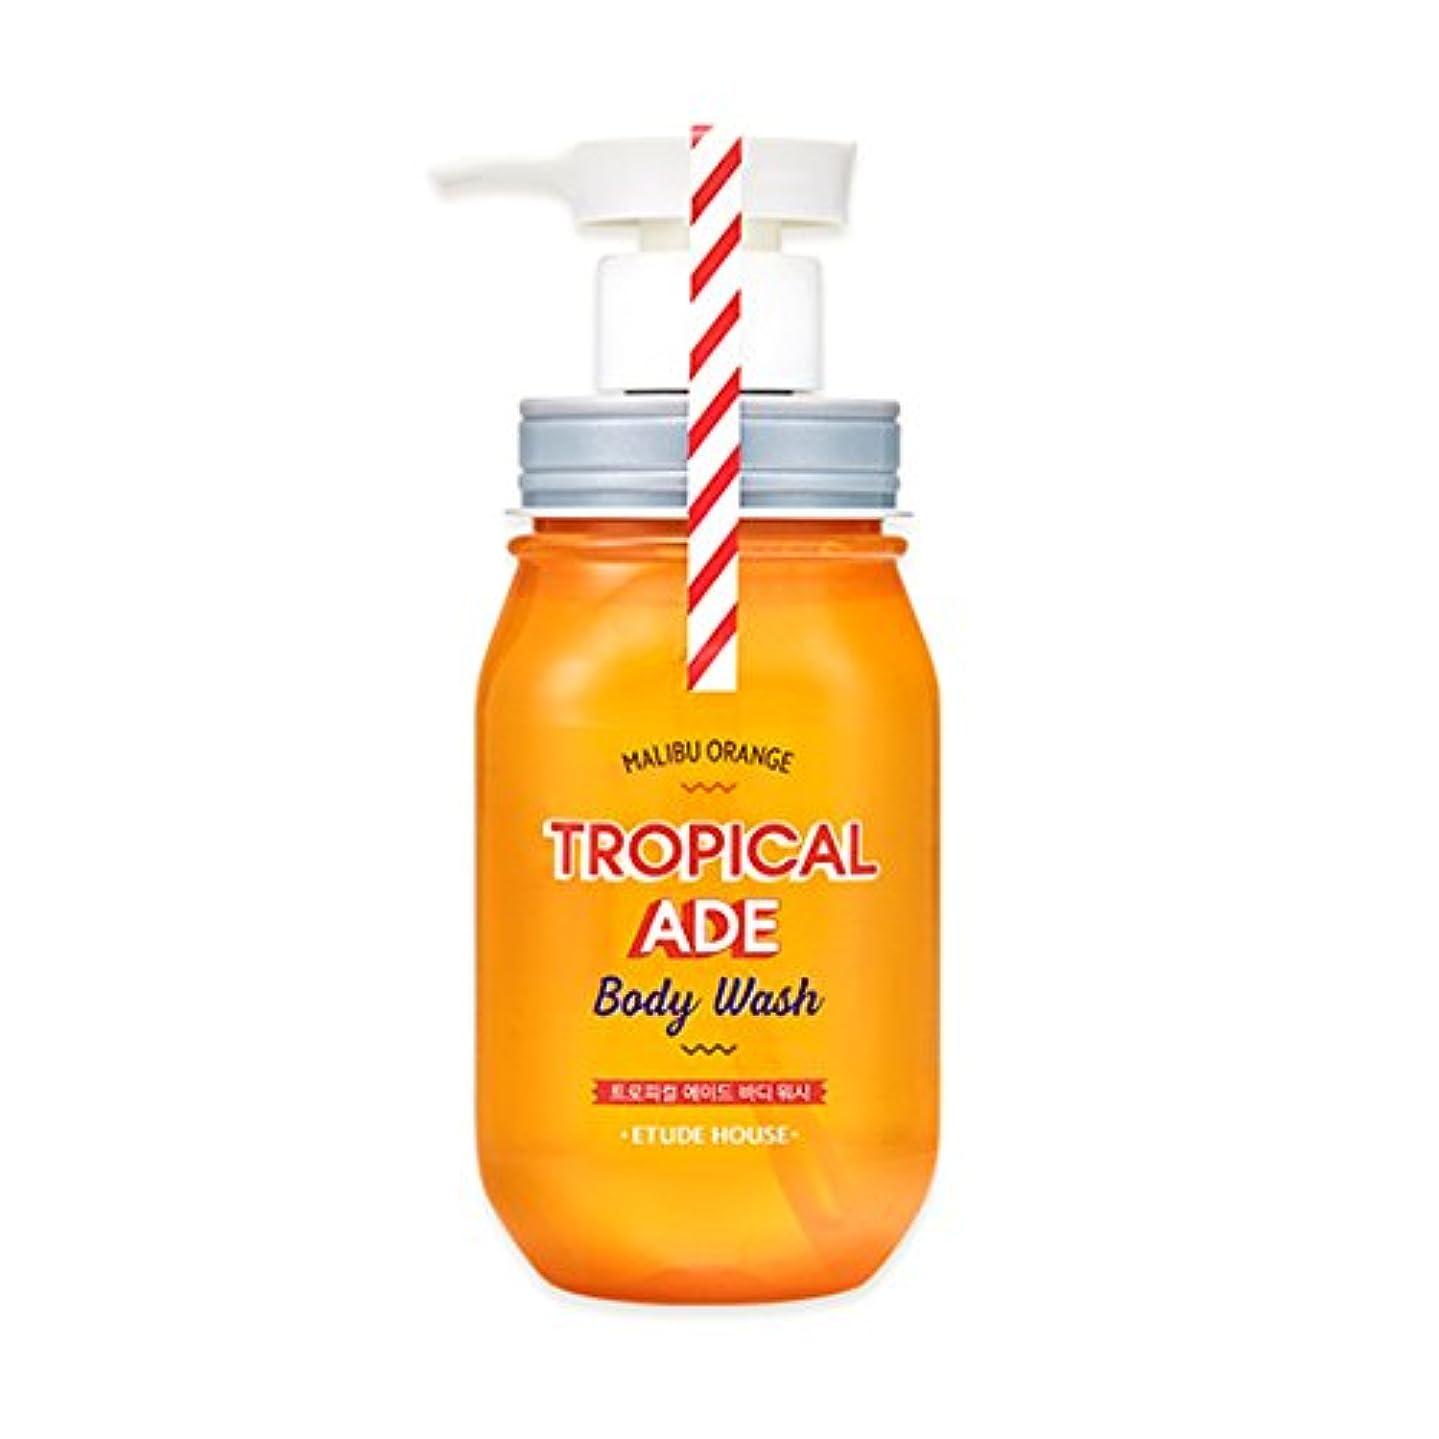 崇拝します立ち寄るポジティブETUDE HOUSE TROPICAL ADE Body Wash # Malibu Orange /エチュードハウス トロピカルエイドボディウォッシュ 300ml [並行輸入品]